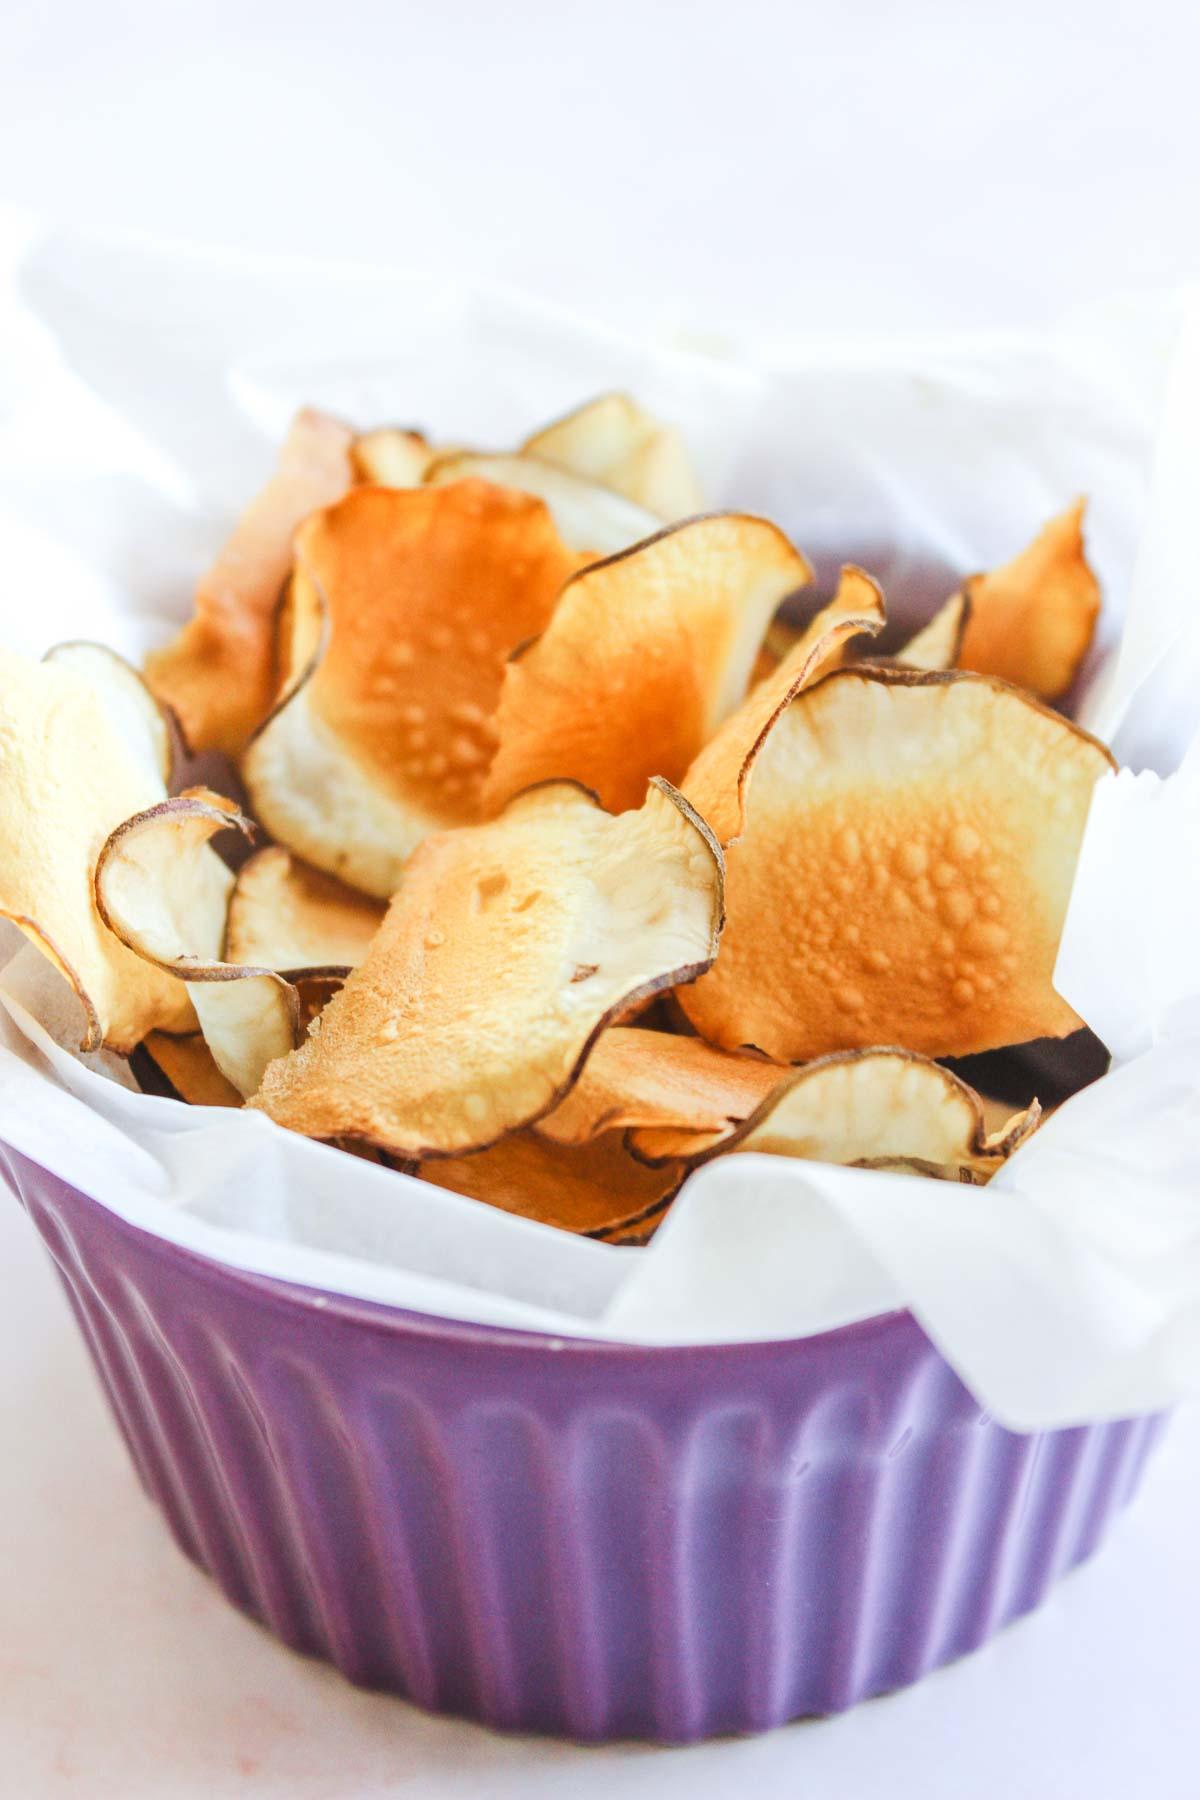 Bowl of golden crispy sunchoke chips.